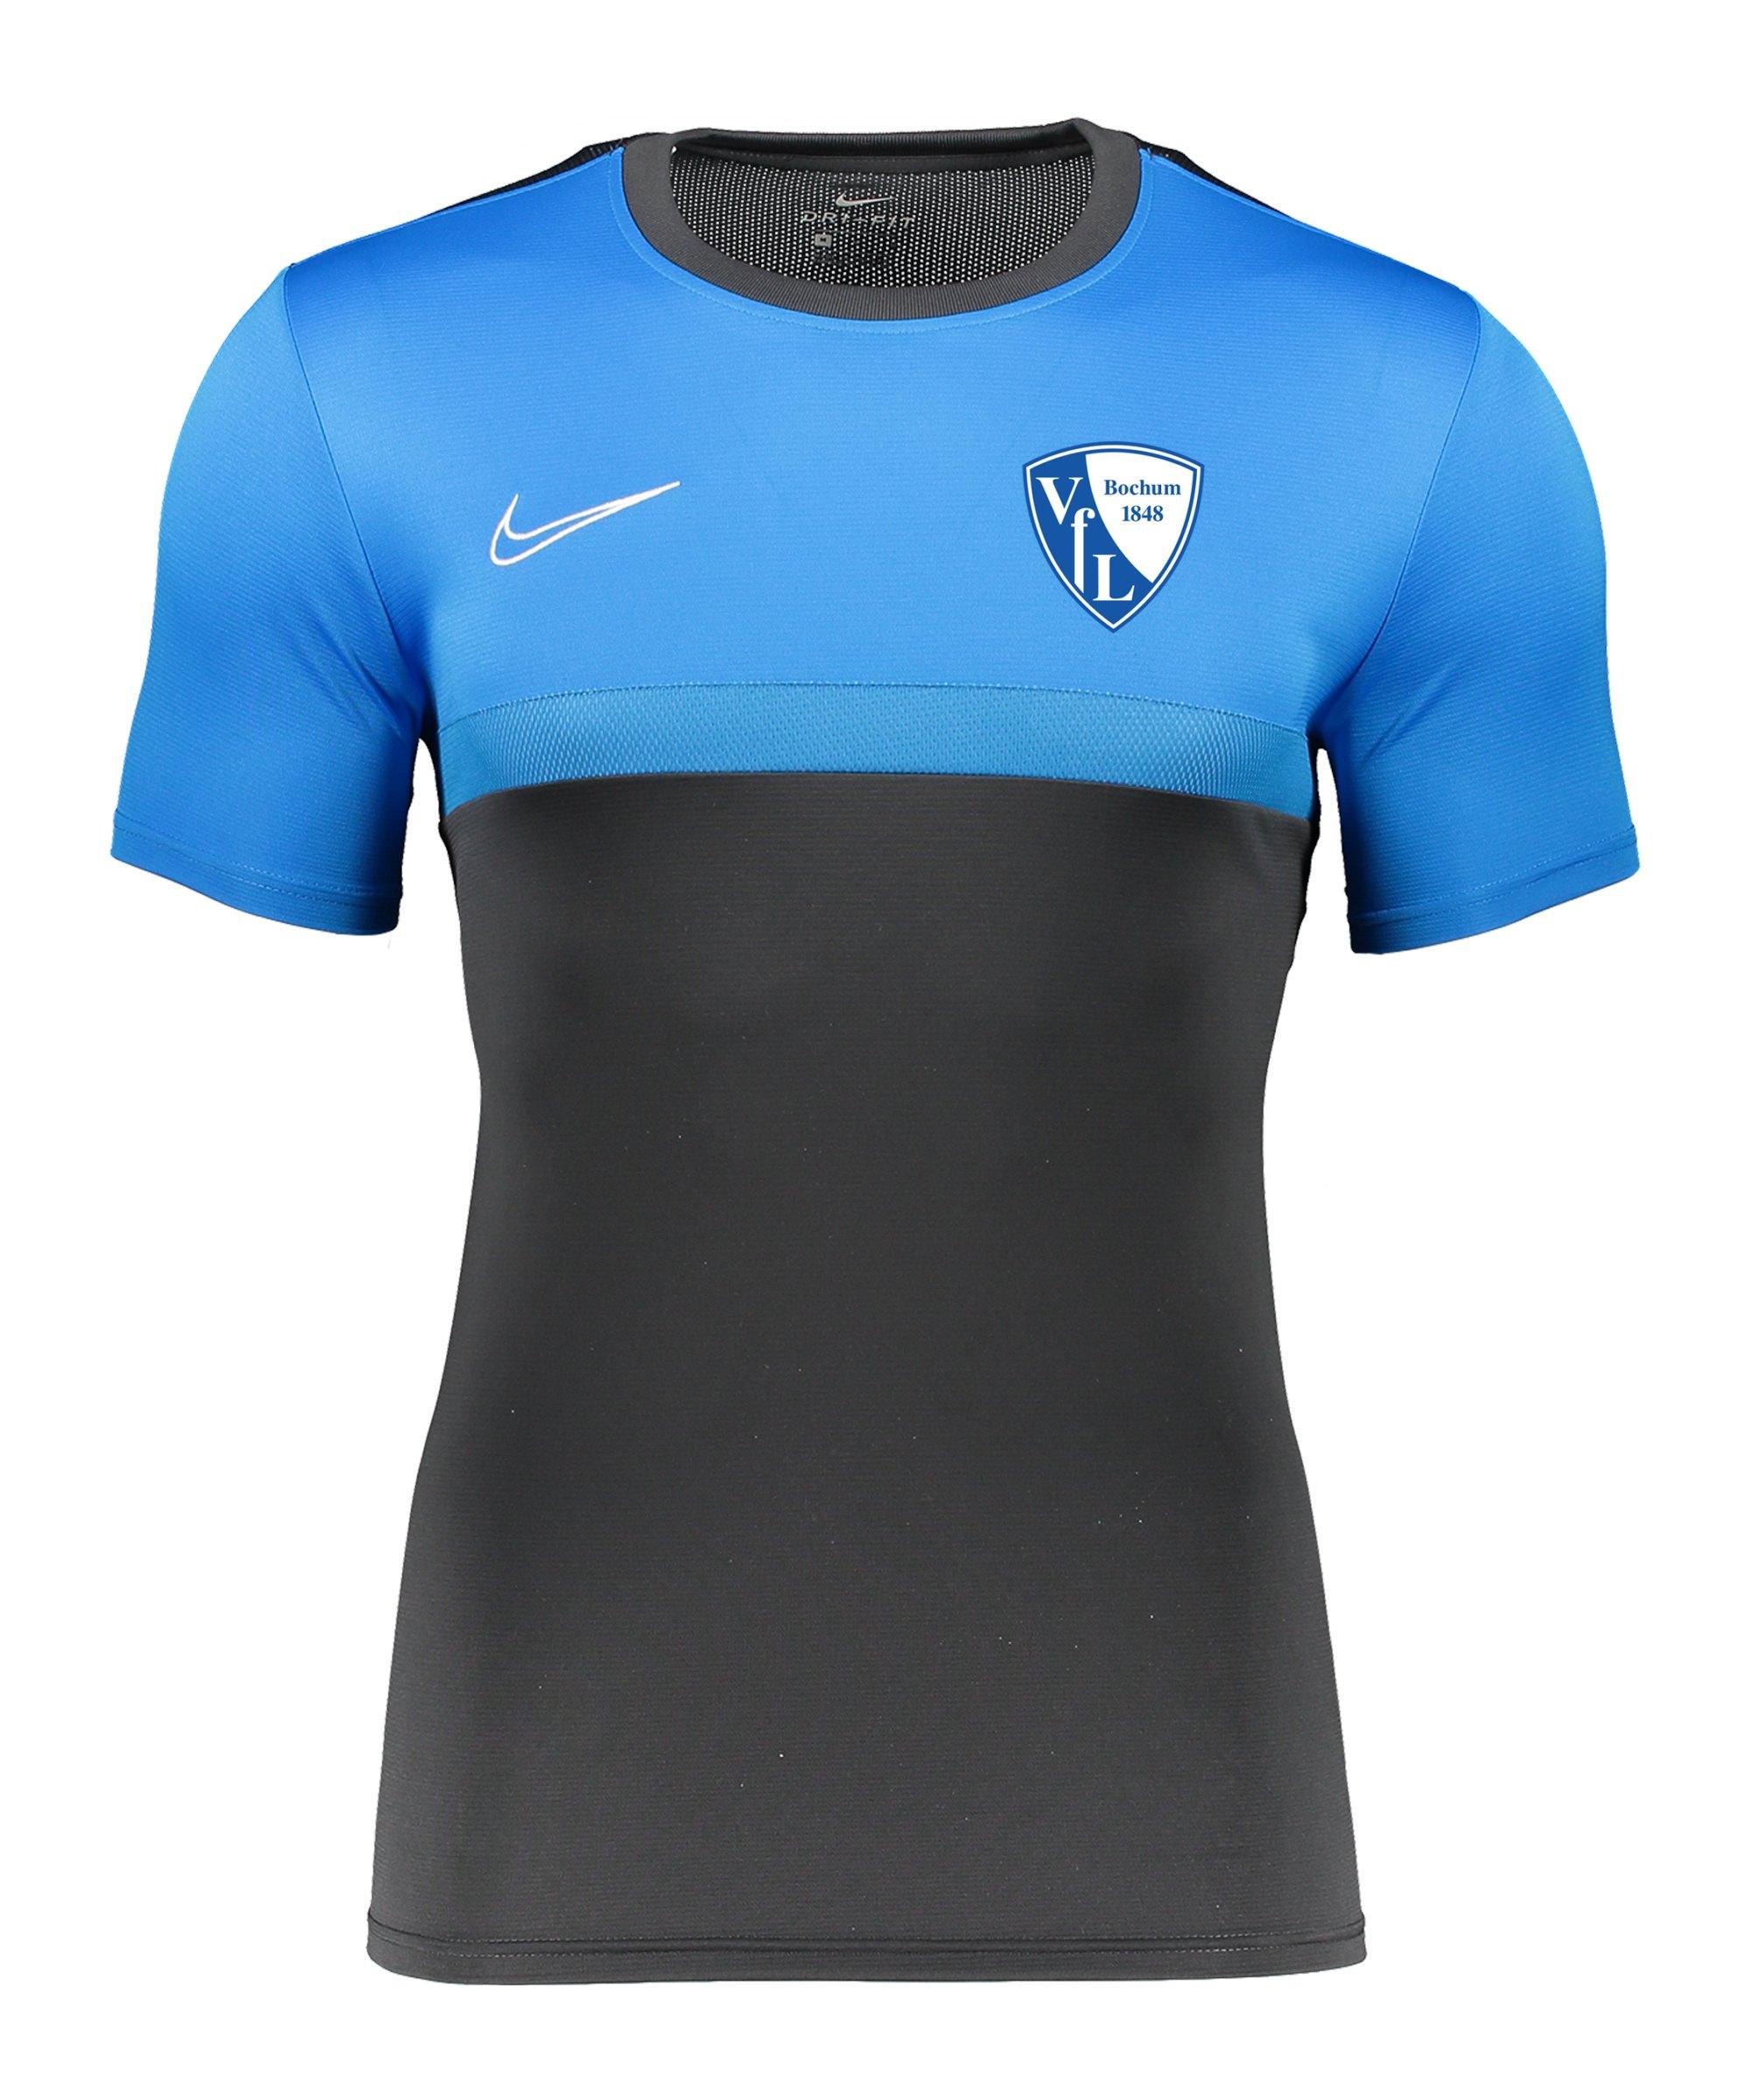 Nike VfL Bochum Trainingsshirt kurzarm Grau F075 - grau